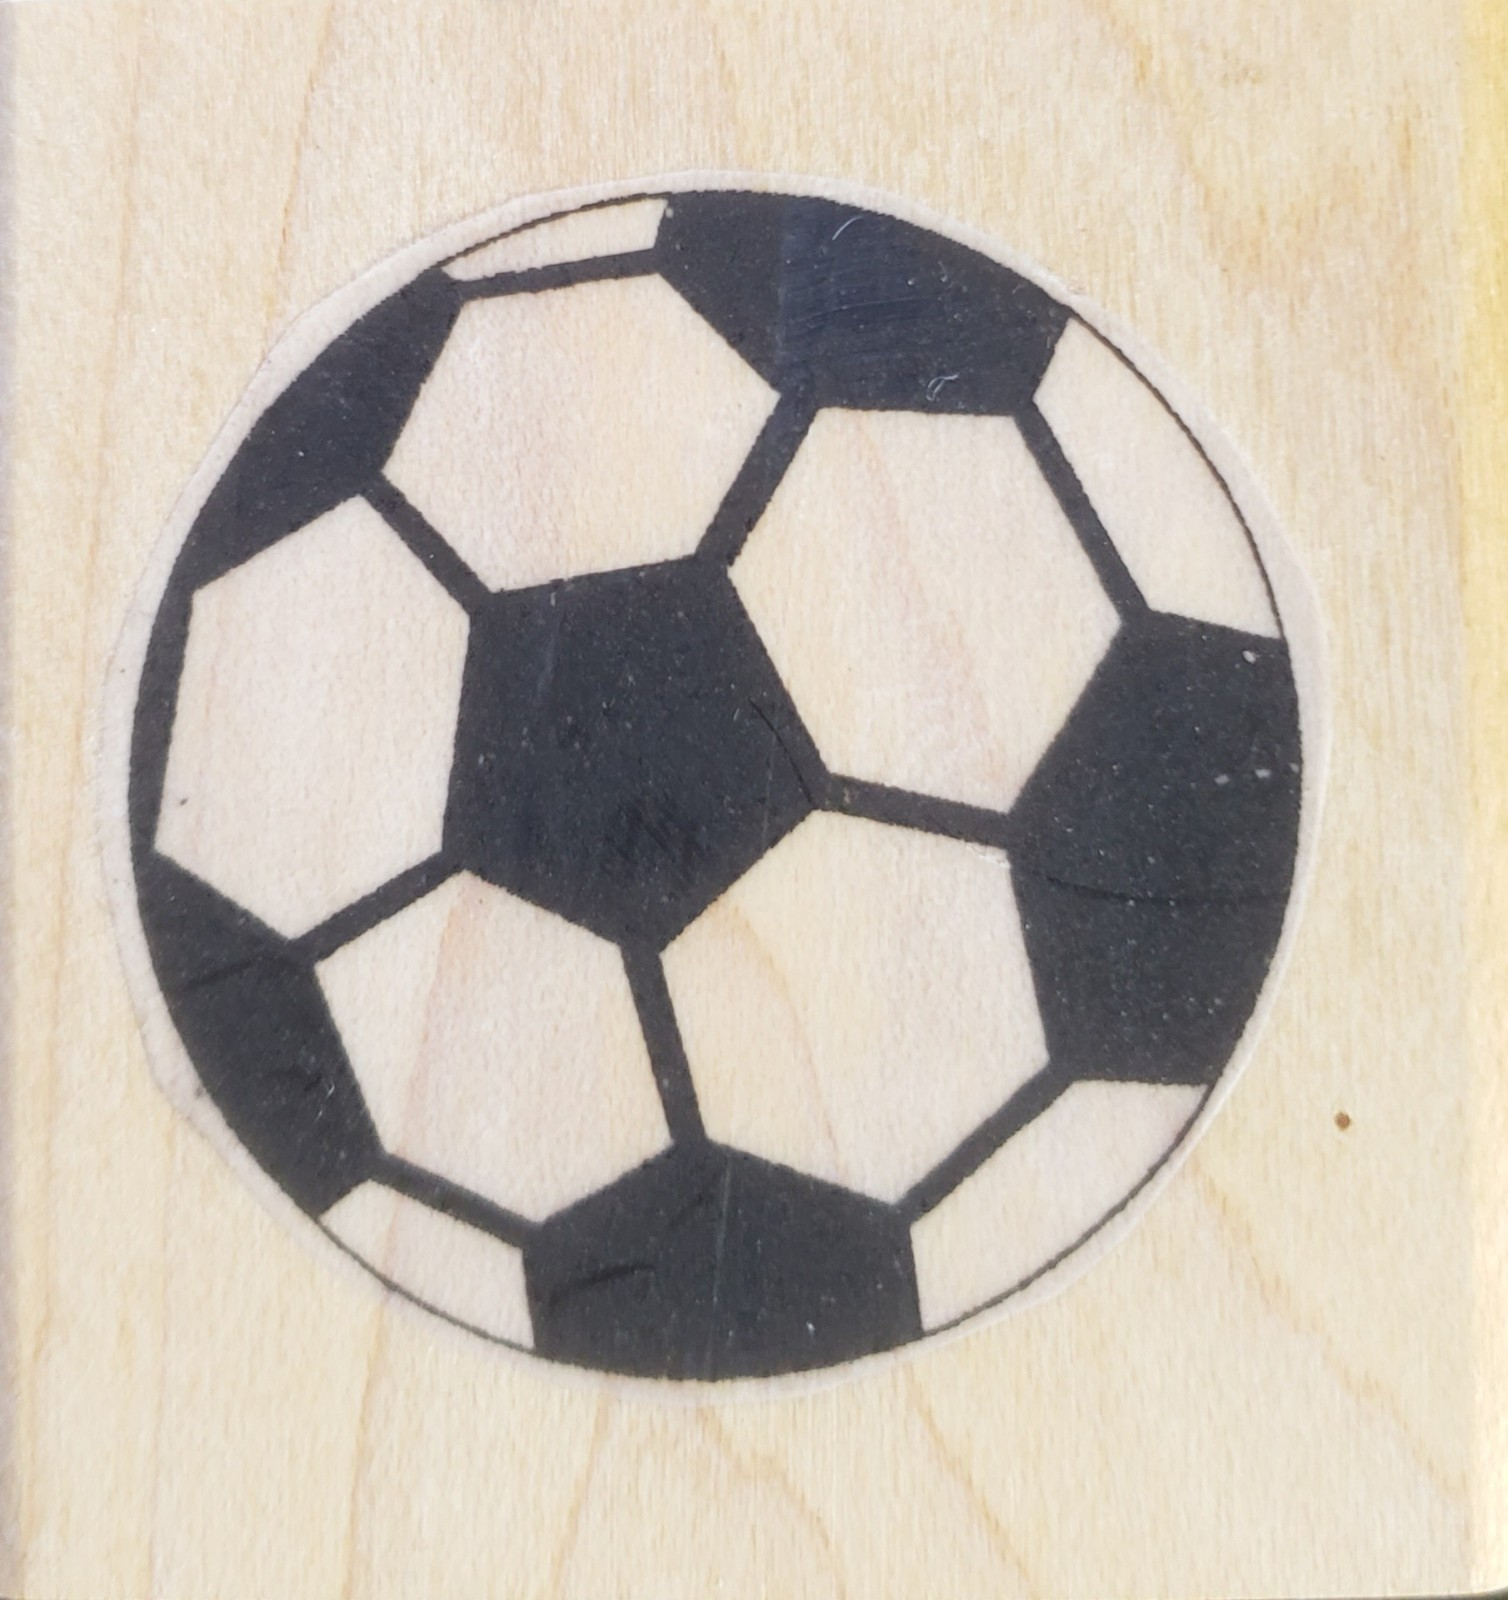 Soccer Ball stamp